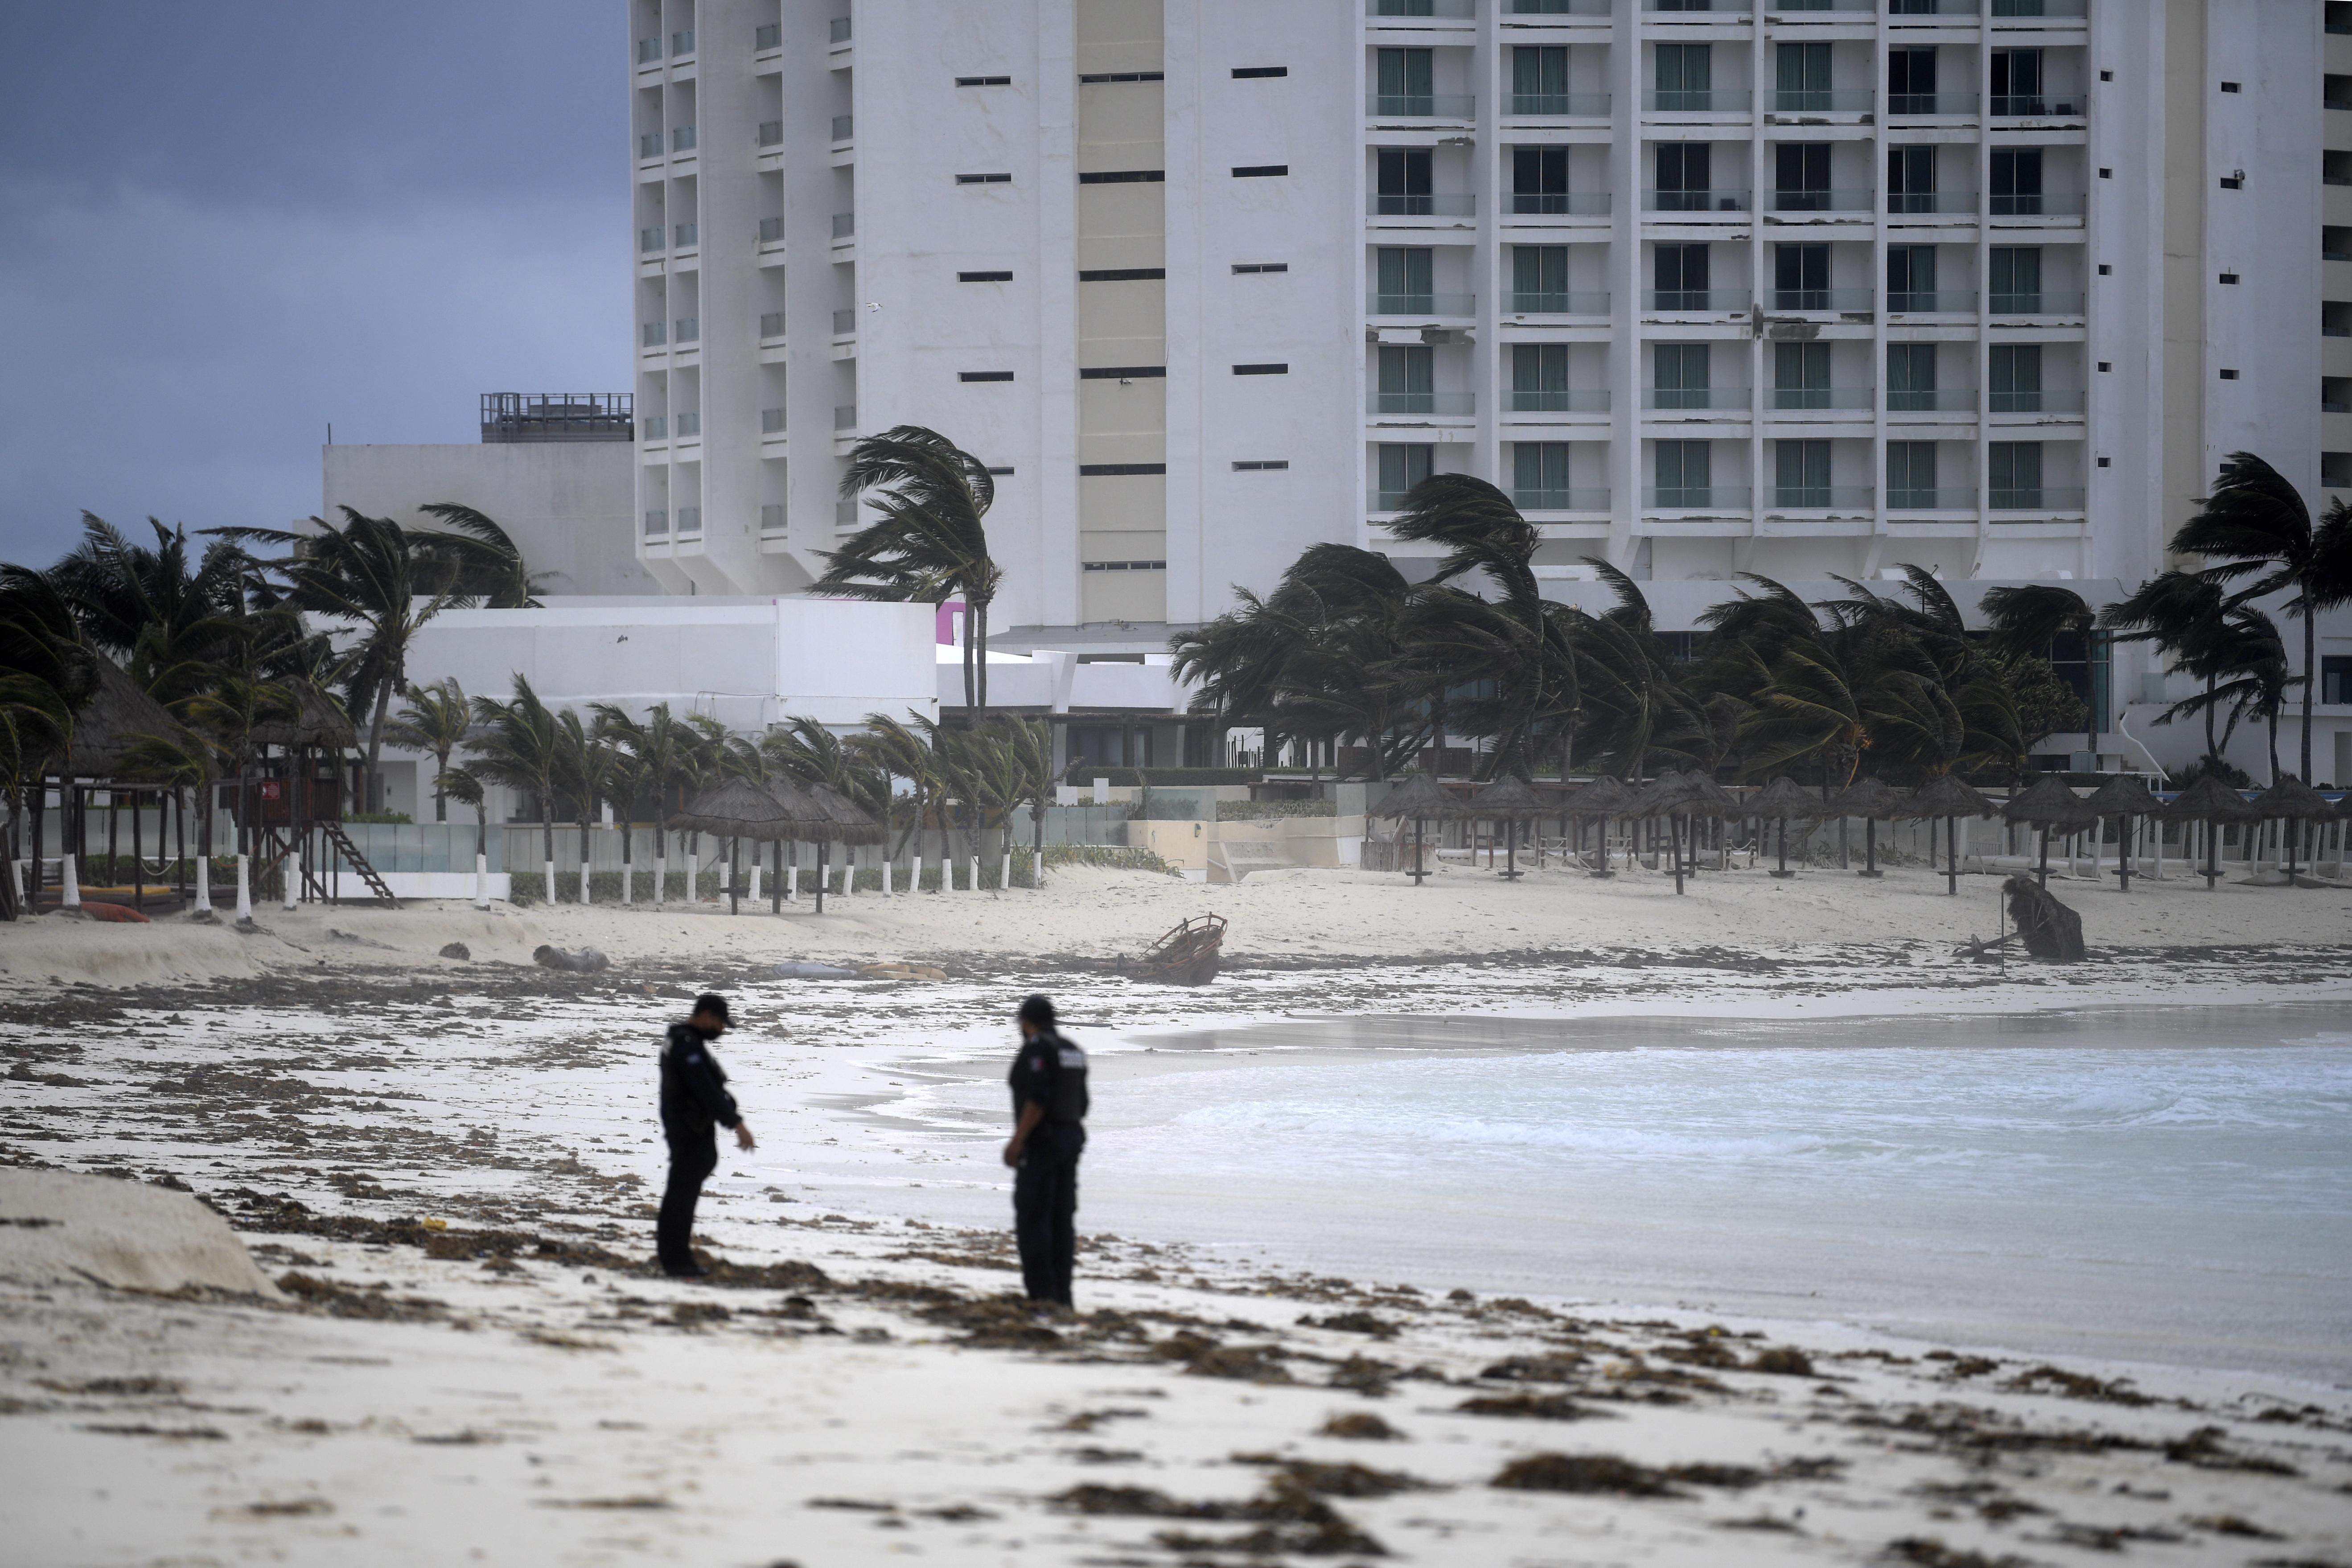 Vista de la playa tras el paso del huracán Delta en Cancún, estado de Quintana Roo, México, el 7 de octubre de 2020.